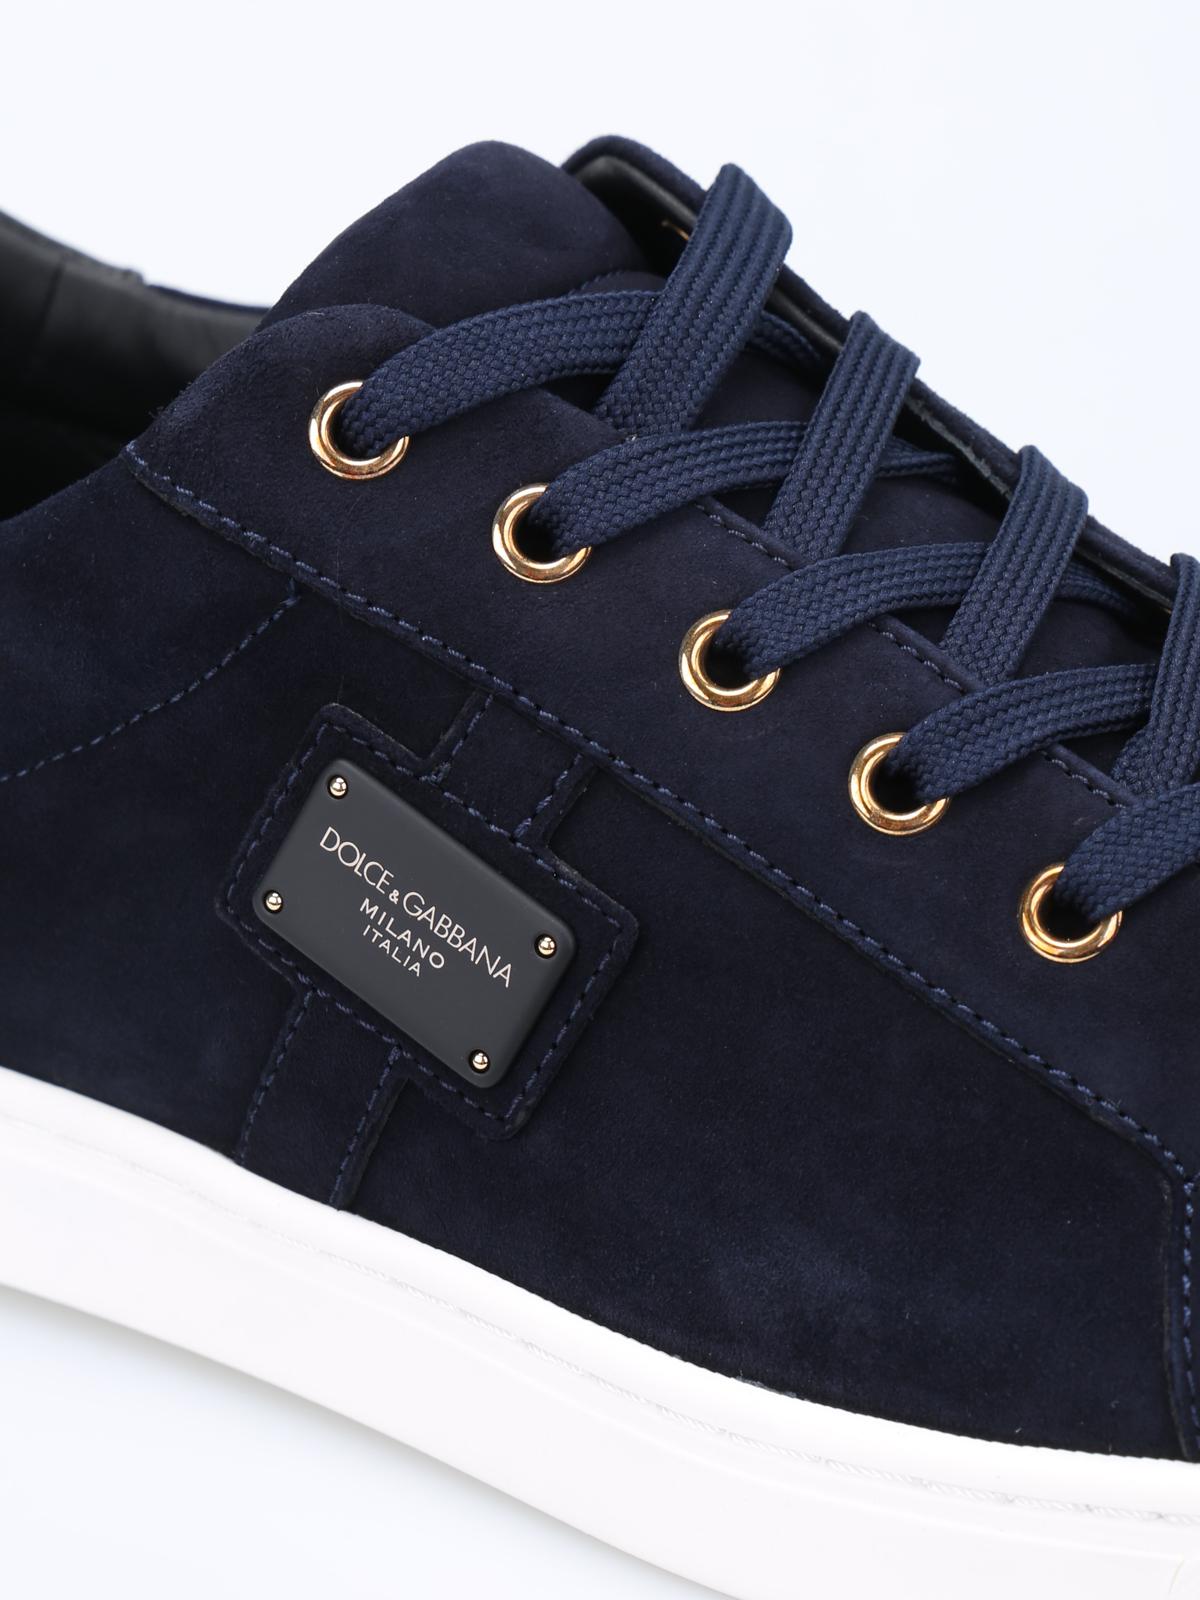 iKRIX DOLCE   GABBANA  Chaussures de sport - Baskets - Bleu 05a76a08478e